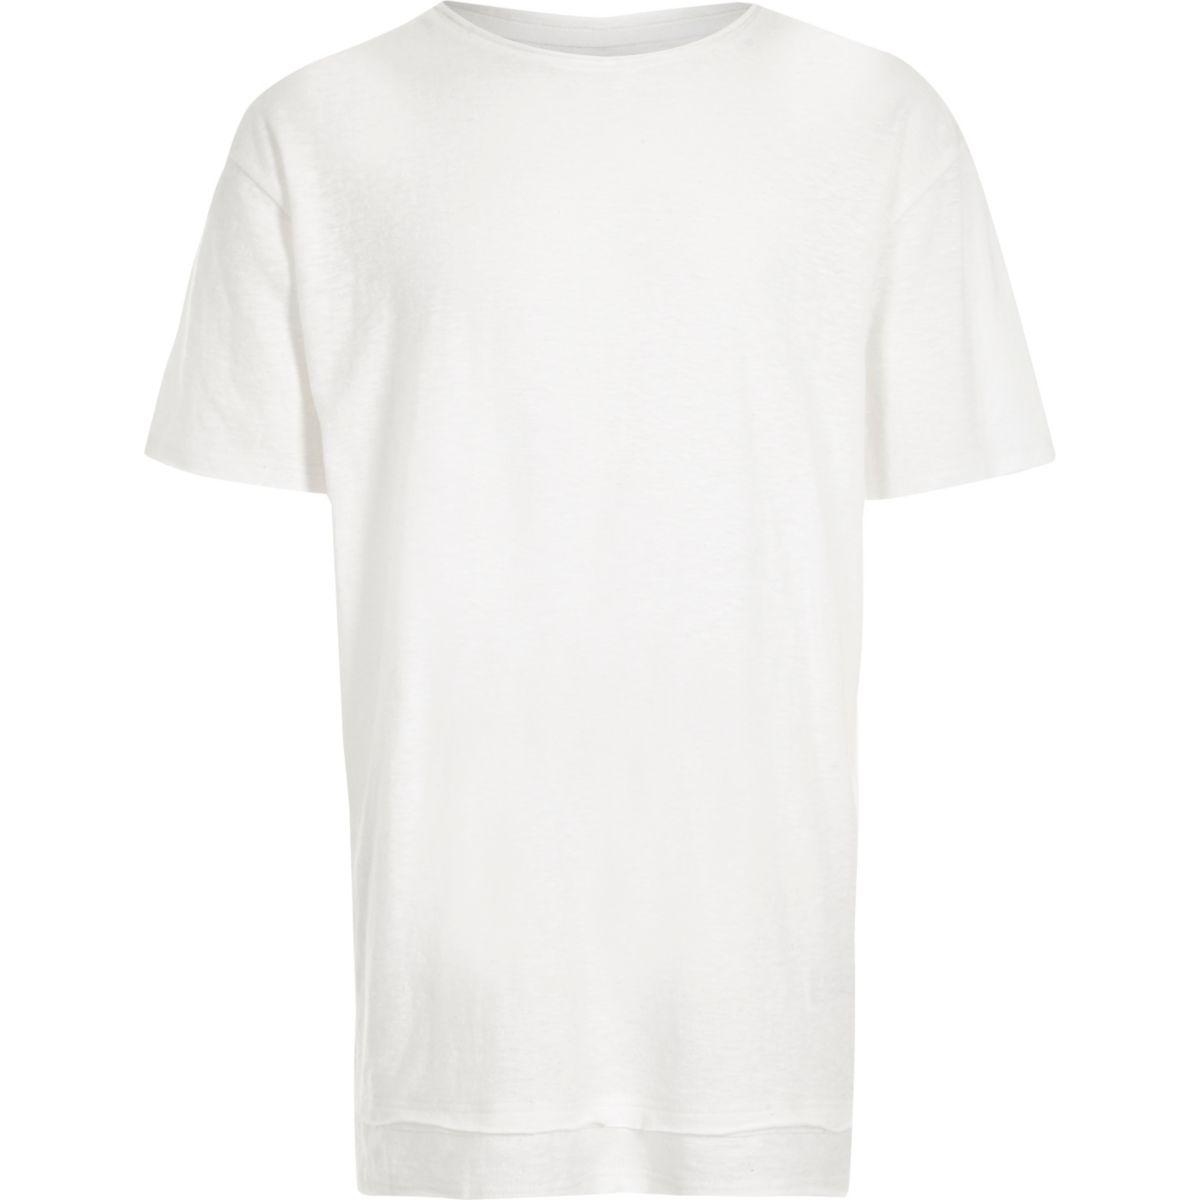 Boys white layered hem T-shirt